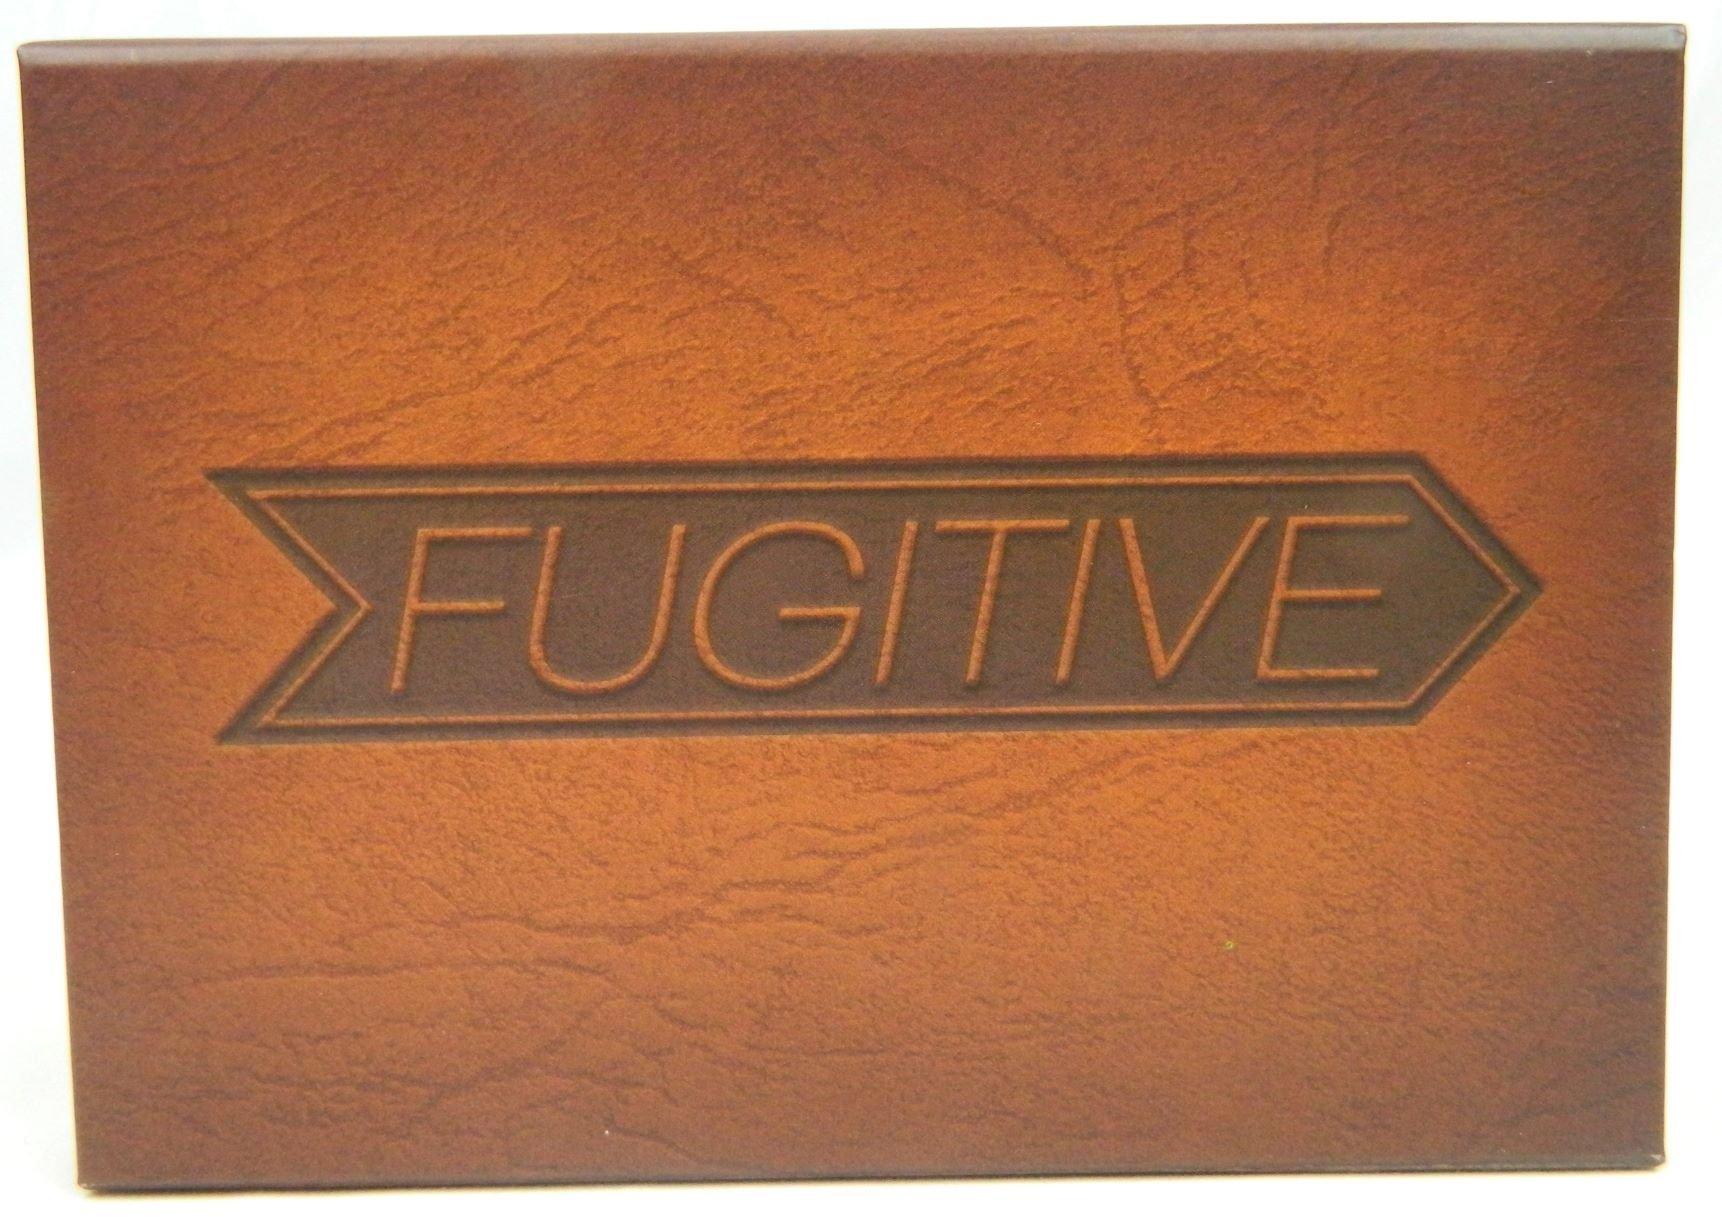 Box for Fugitive